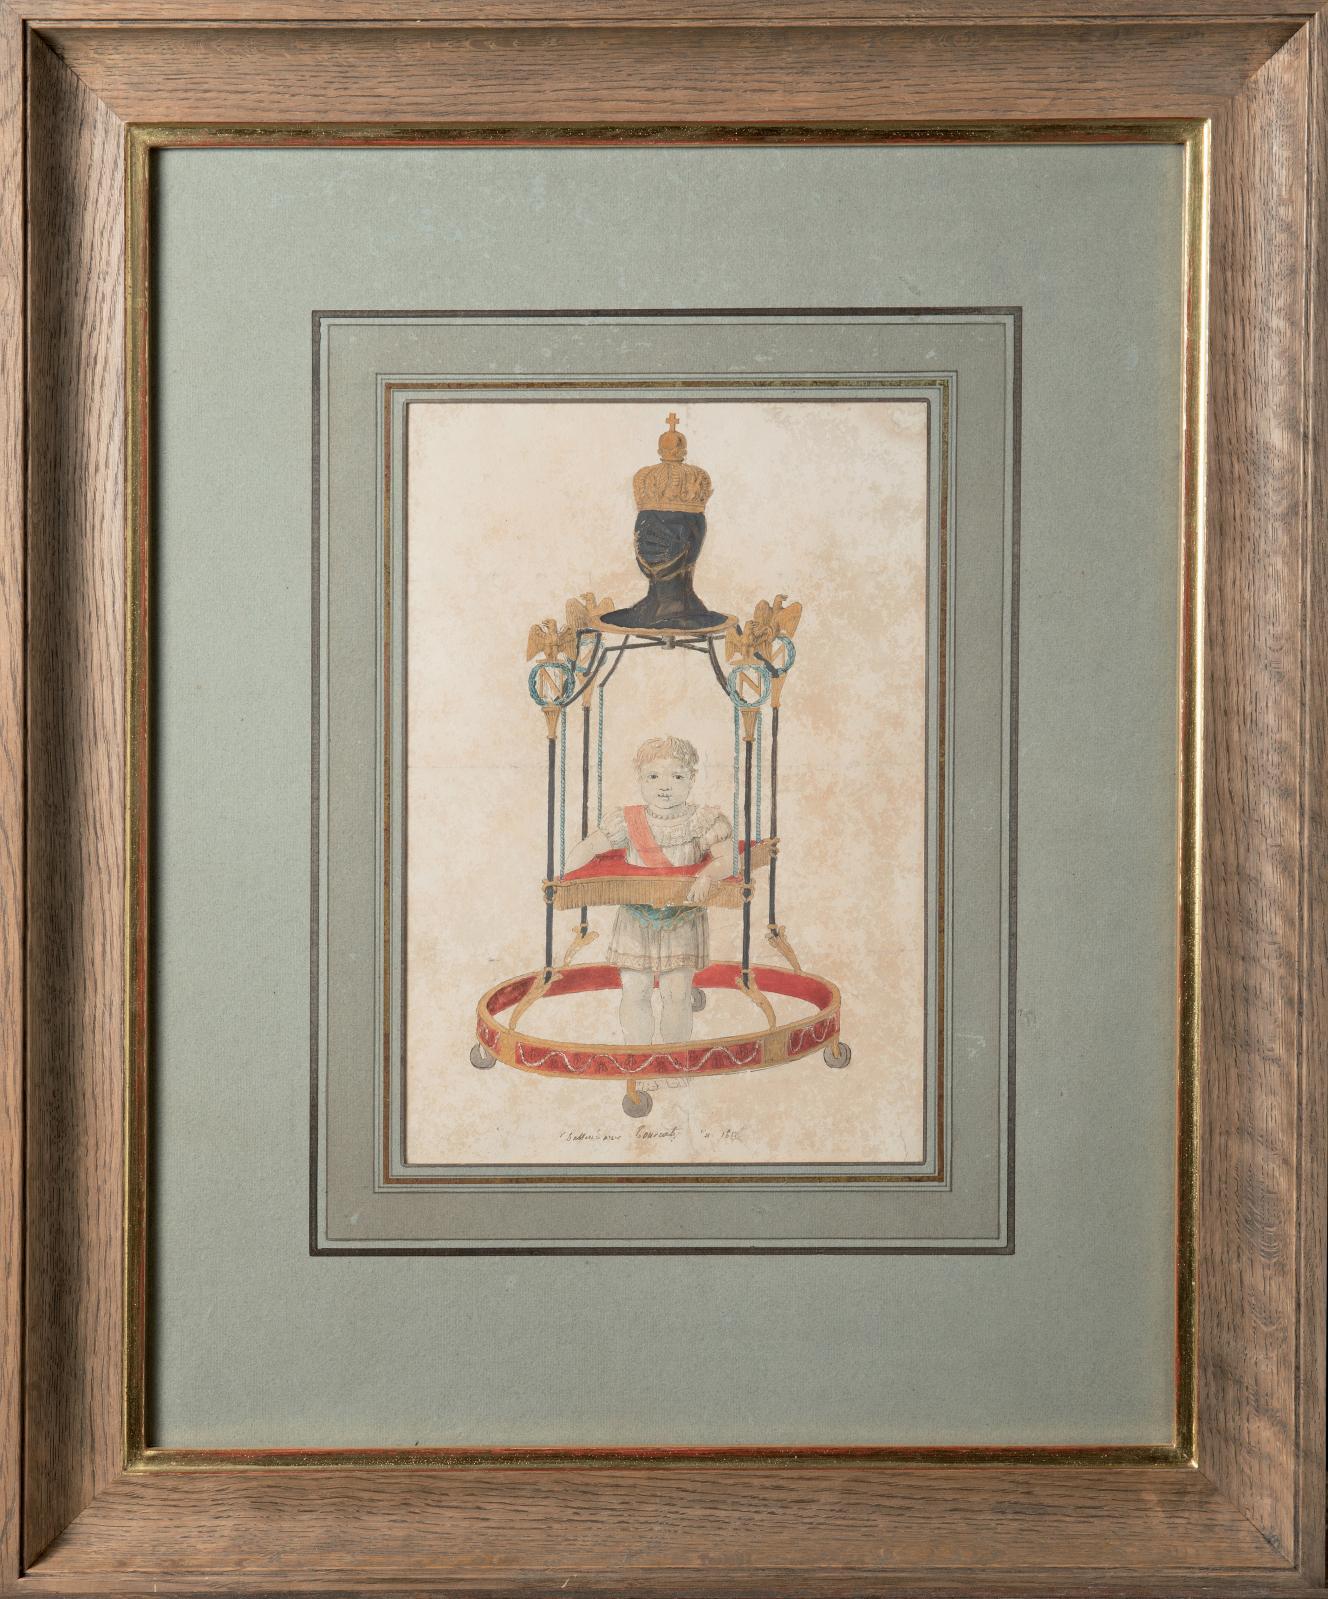 Tourcaty Jean-François (1763-?), Le Roi de Rome à l'âge de deux ans faisant ses premiers pas à l'aide d'un trotteur, 1812, watercolour drawing, signed